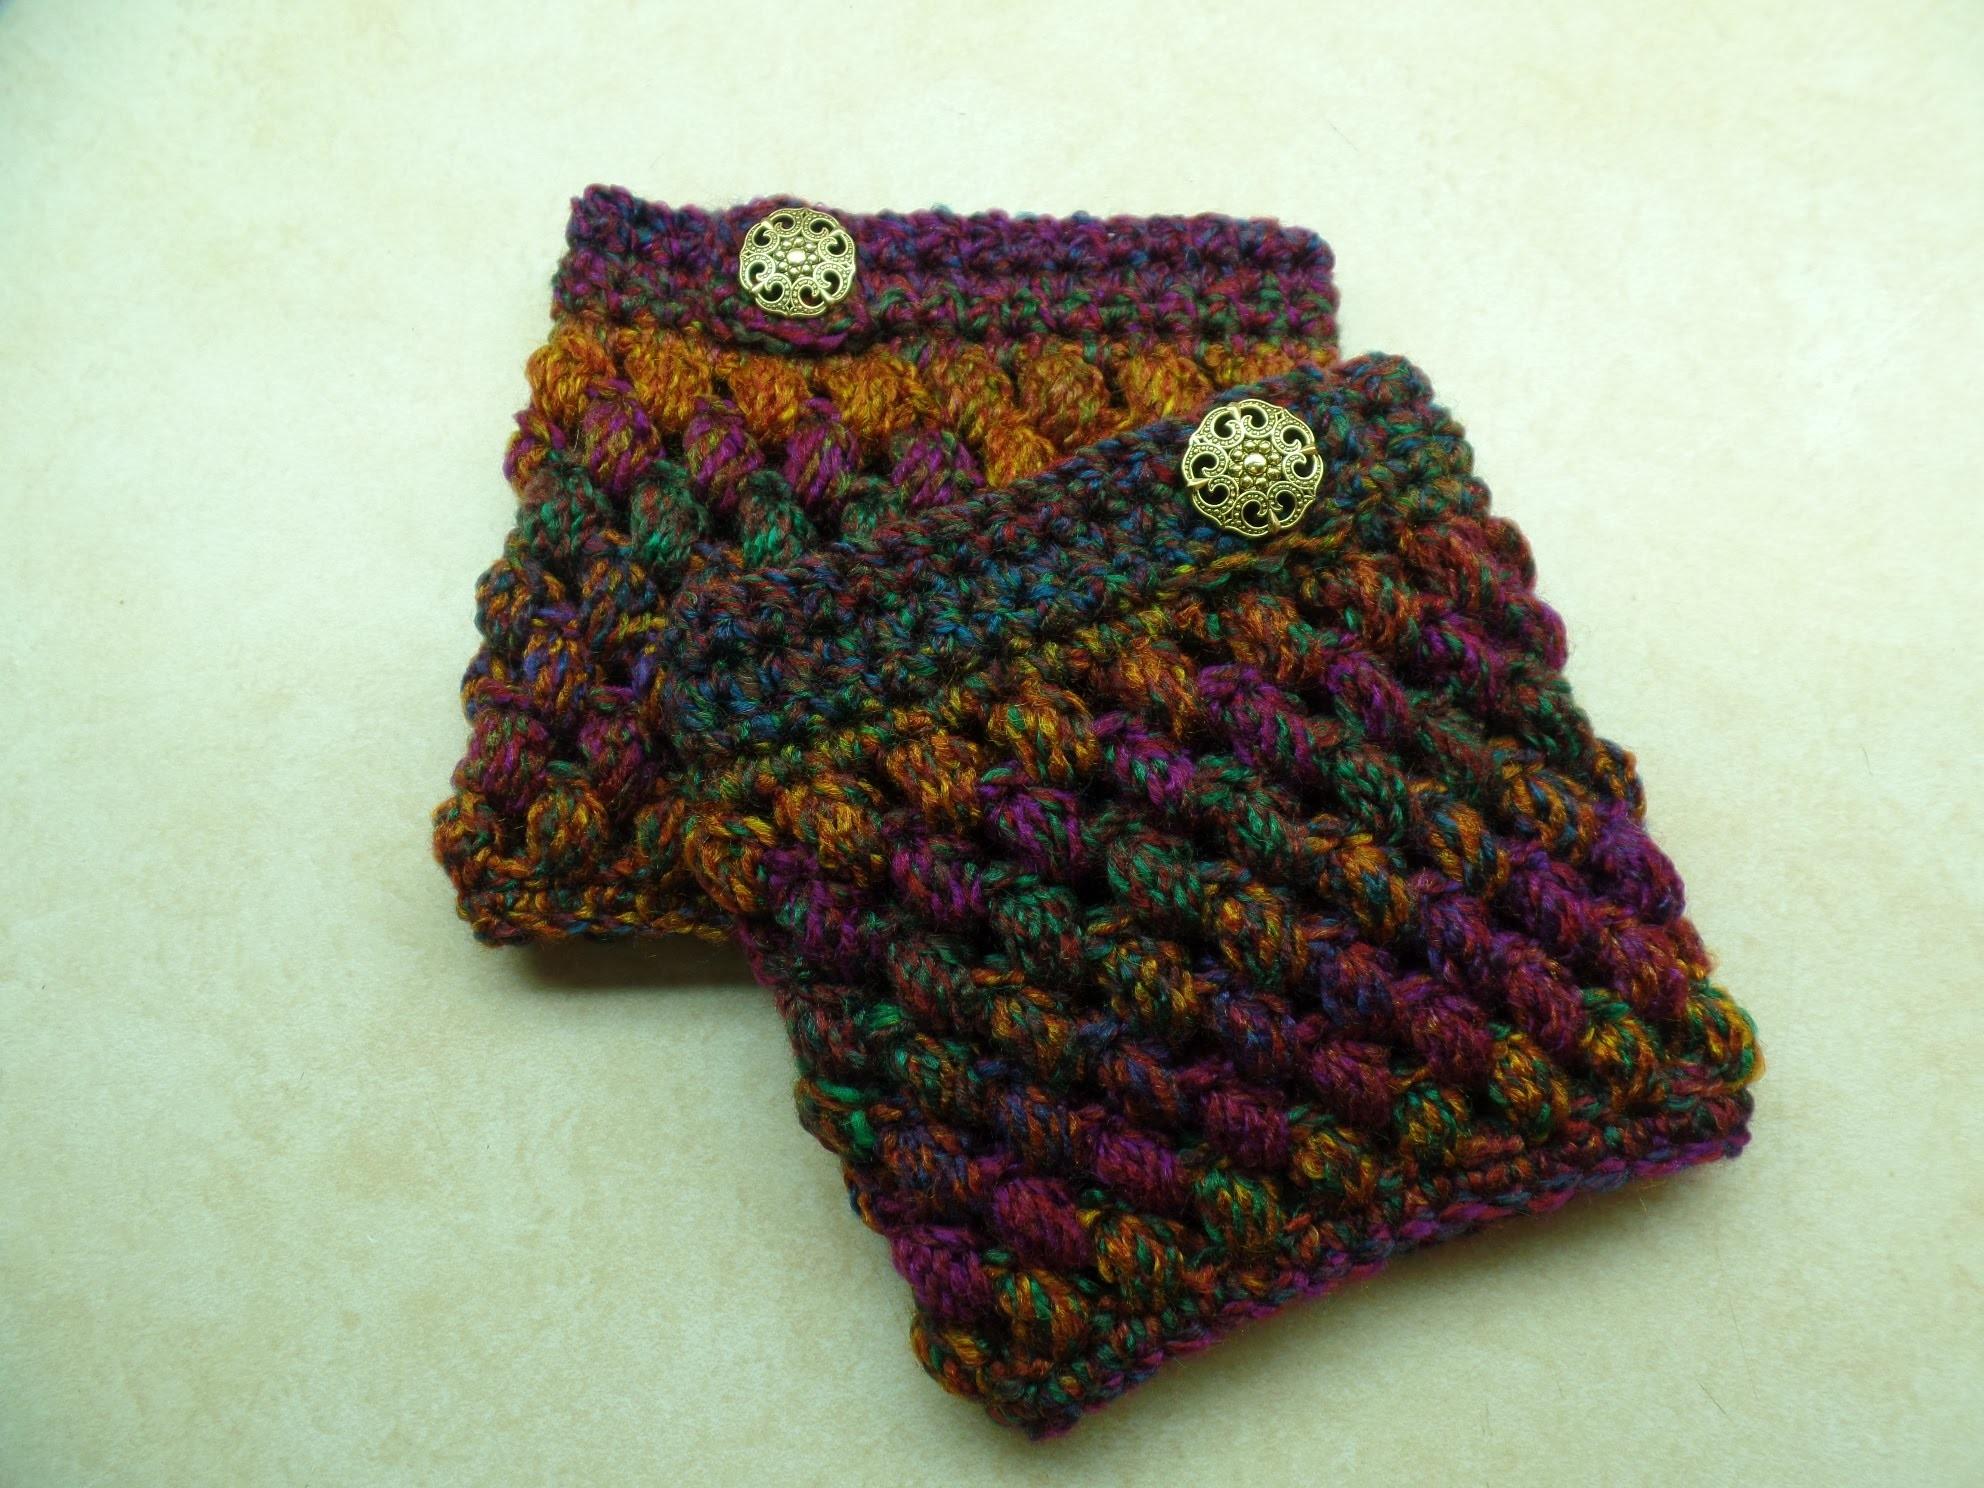 #Crochet Puff Cuffs Puff Stitch Boot Cuffs #TUTORIAL